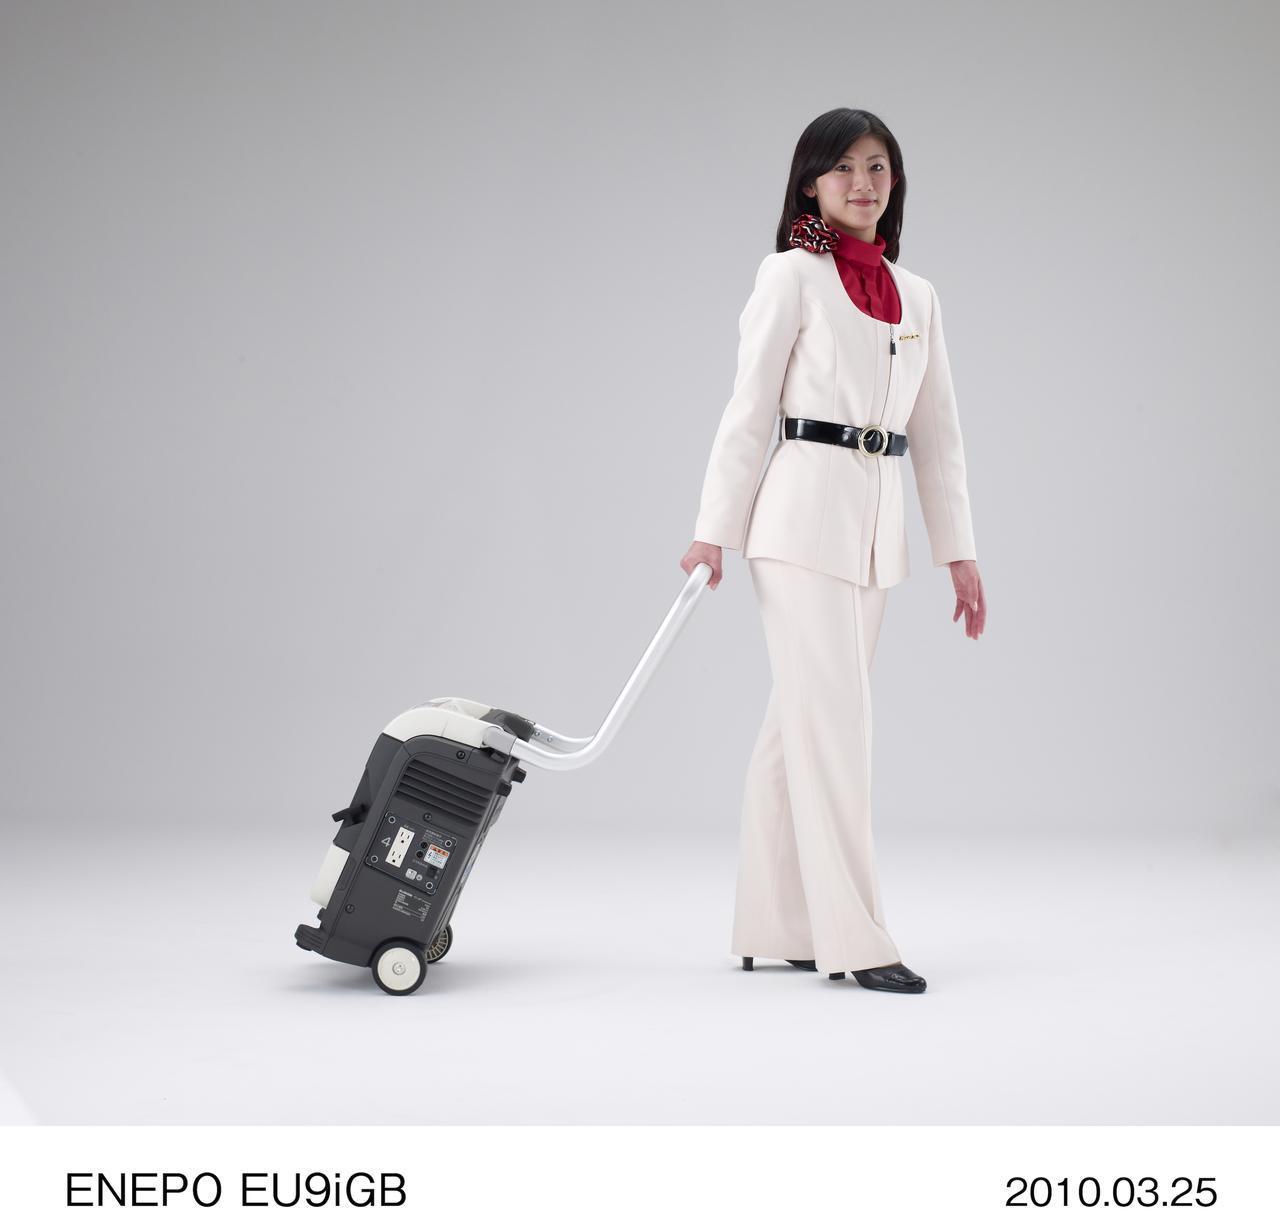 画像: それは唯一白いケースのEU9iGB、通称エネポ。